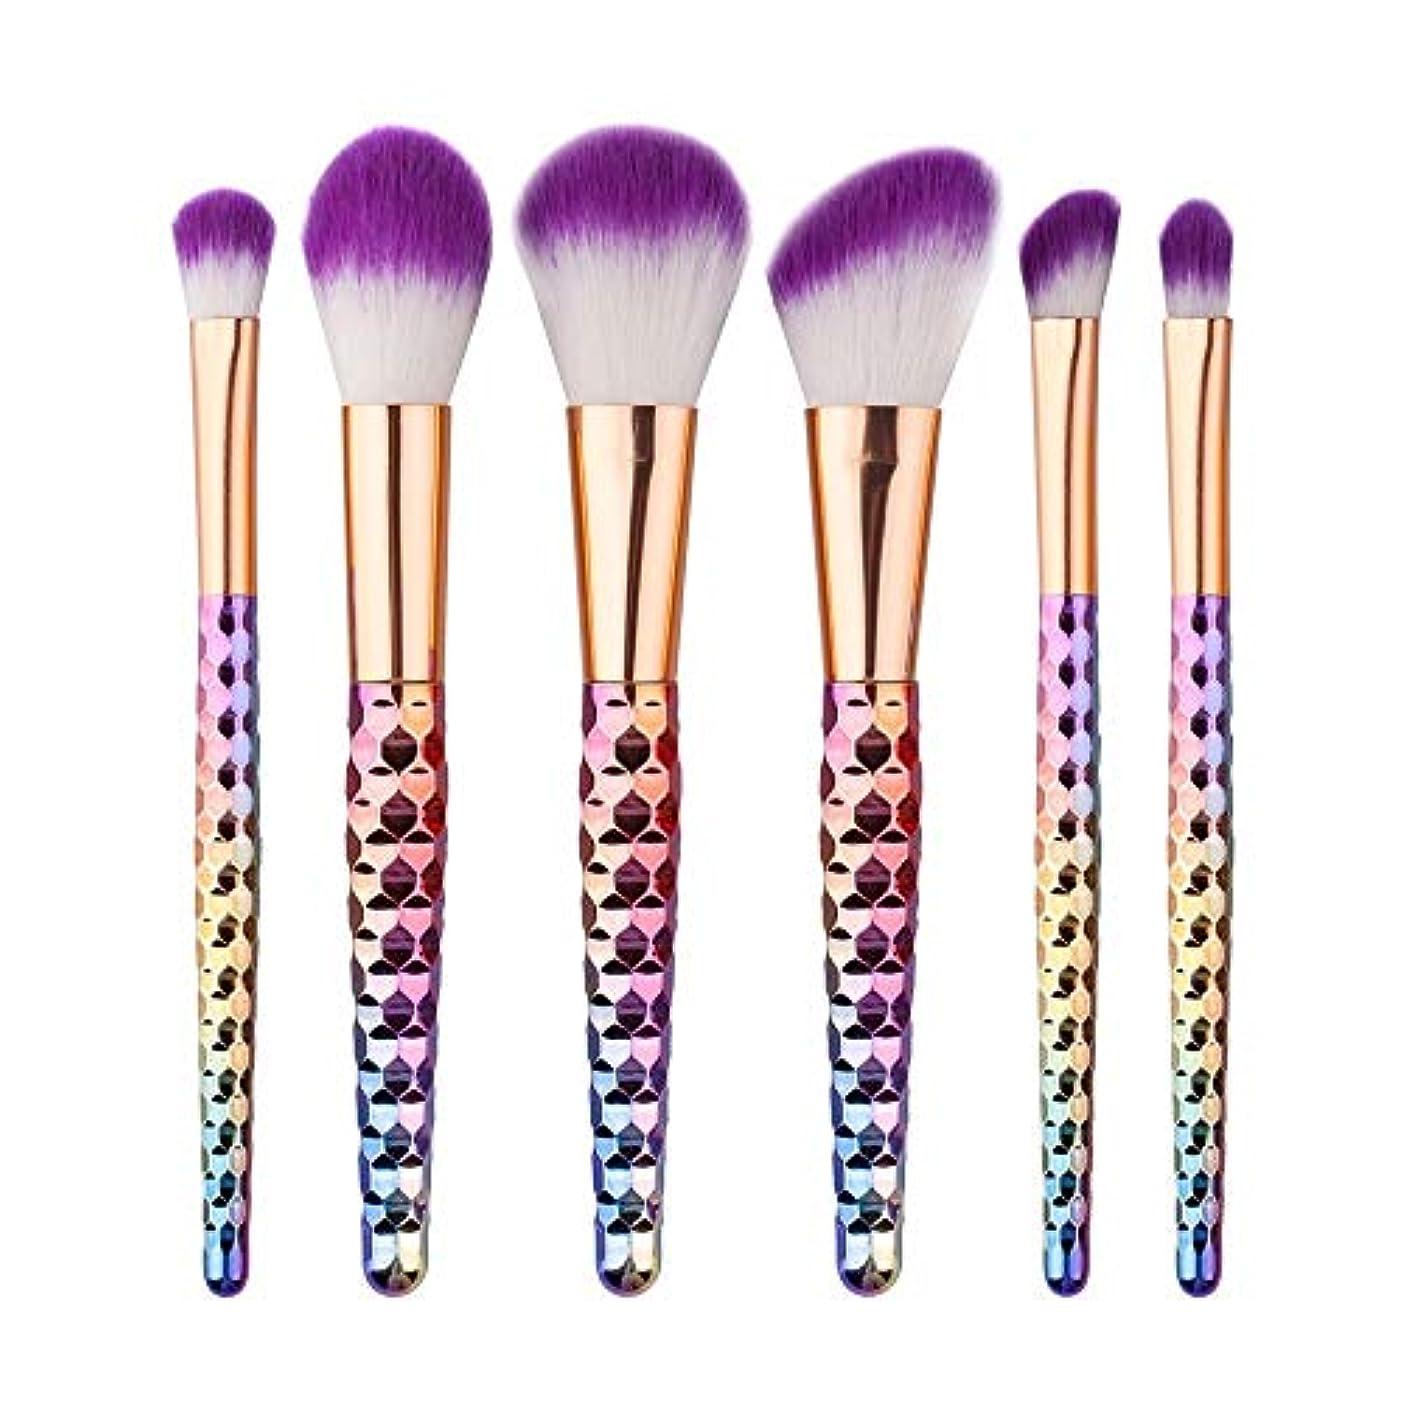 アパルが欲しいサーマルMakeup brushes 美容ガールメイクブラシダイヤモンド鍛造ダイヤモンドハンドル6パックセットメイクアイシャドウブラシ美容ツール suits (Color : Colorful)